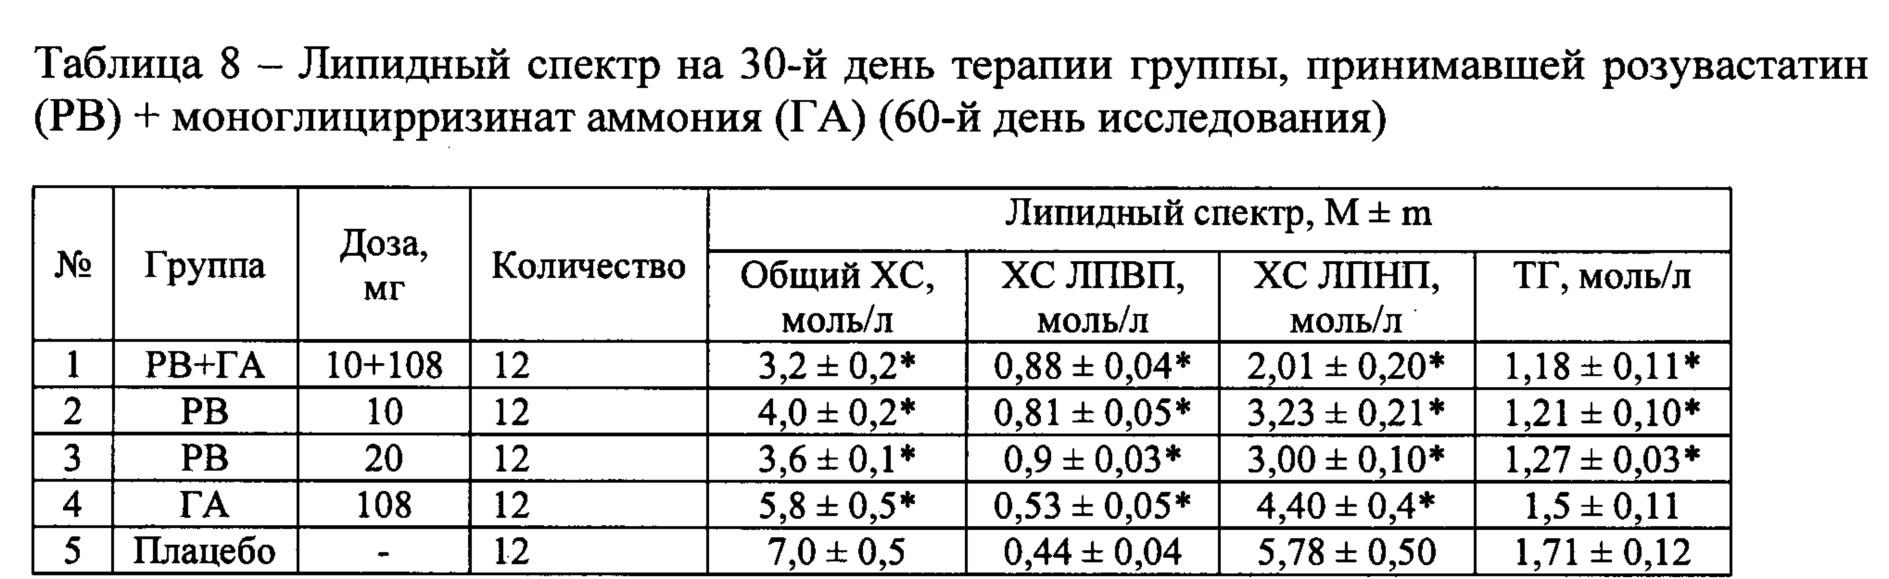 авиабилеты в кредит или рассрочку в россии онлайн отзывы